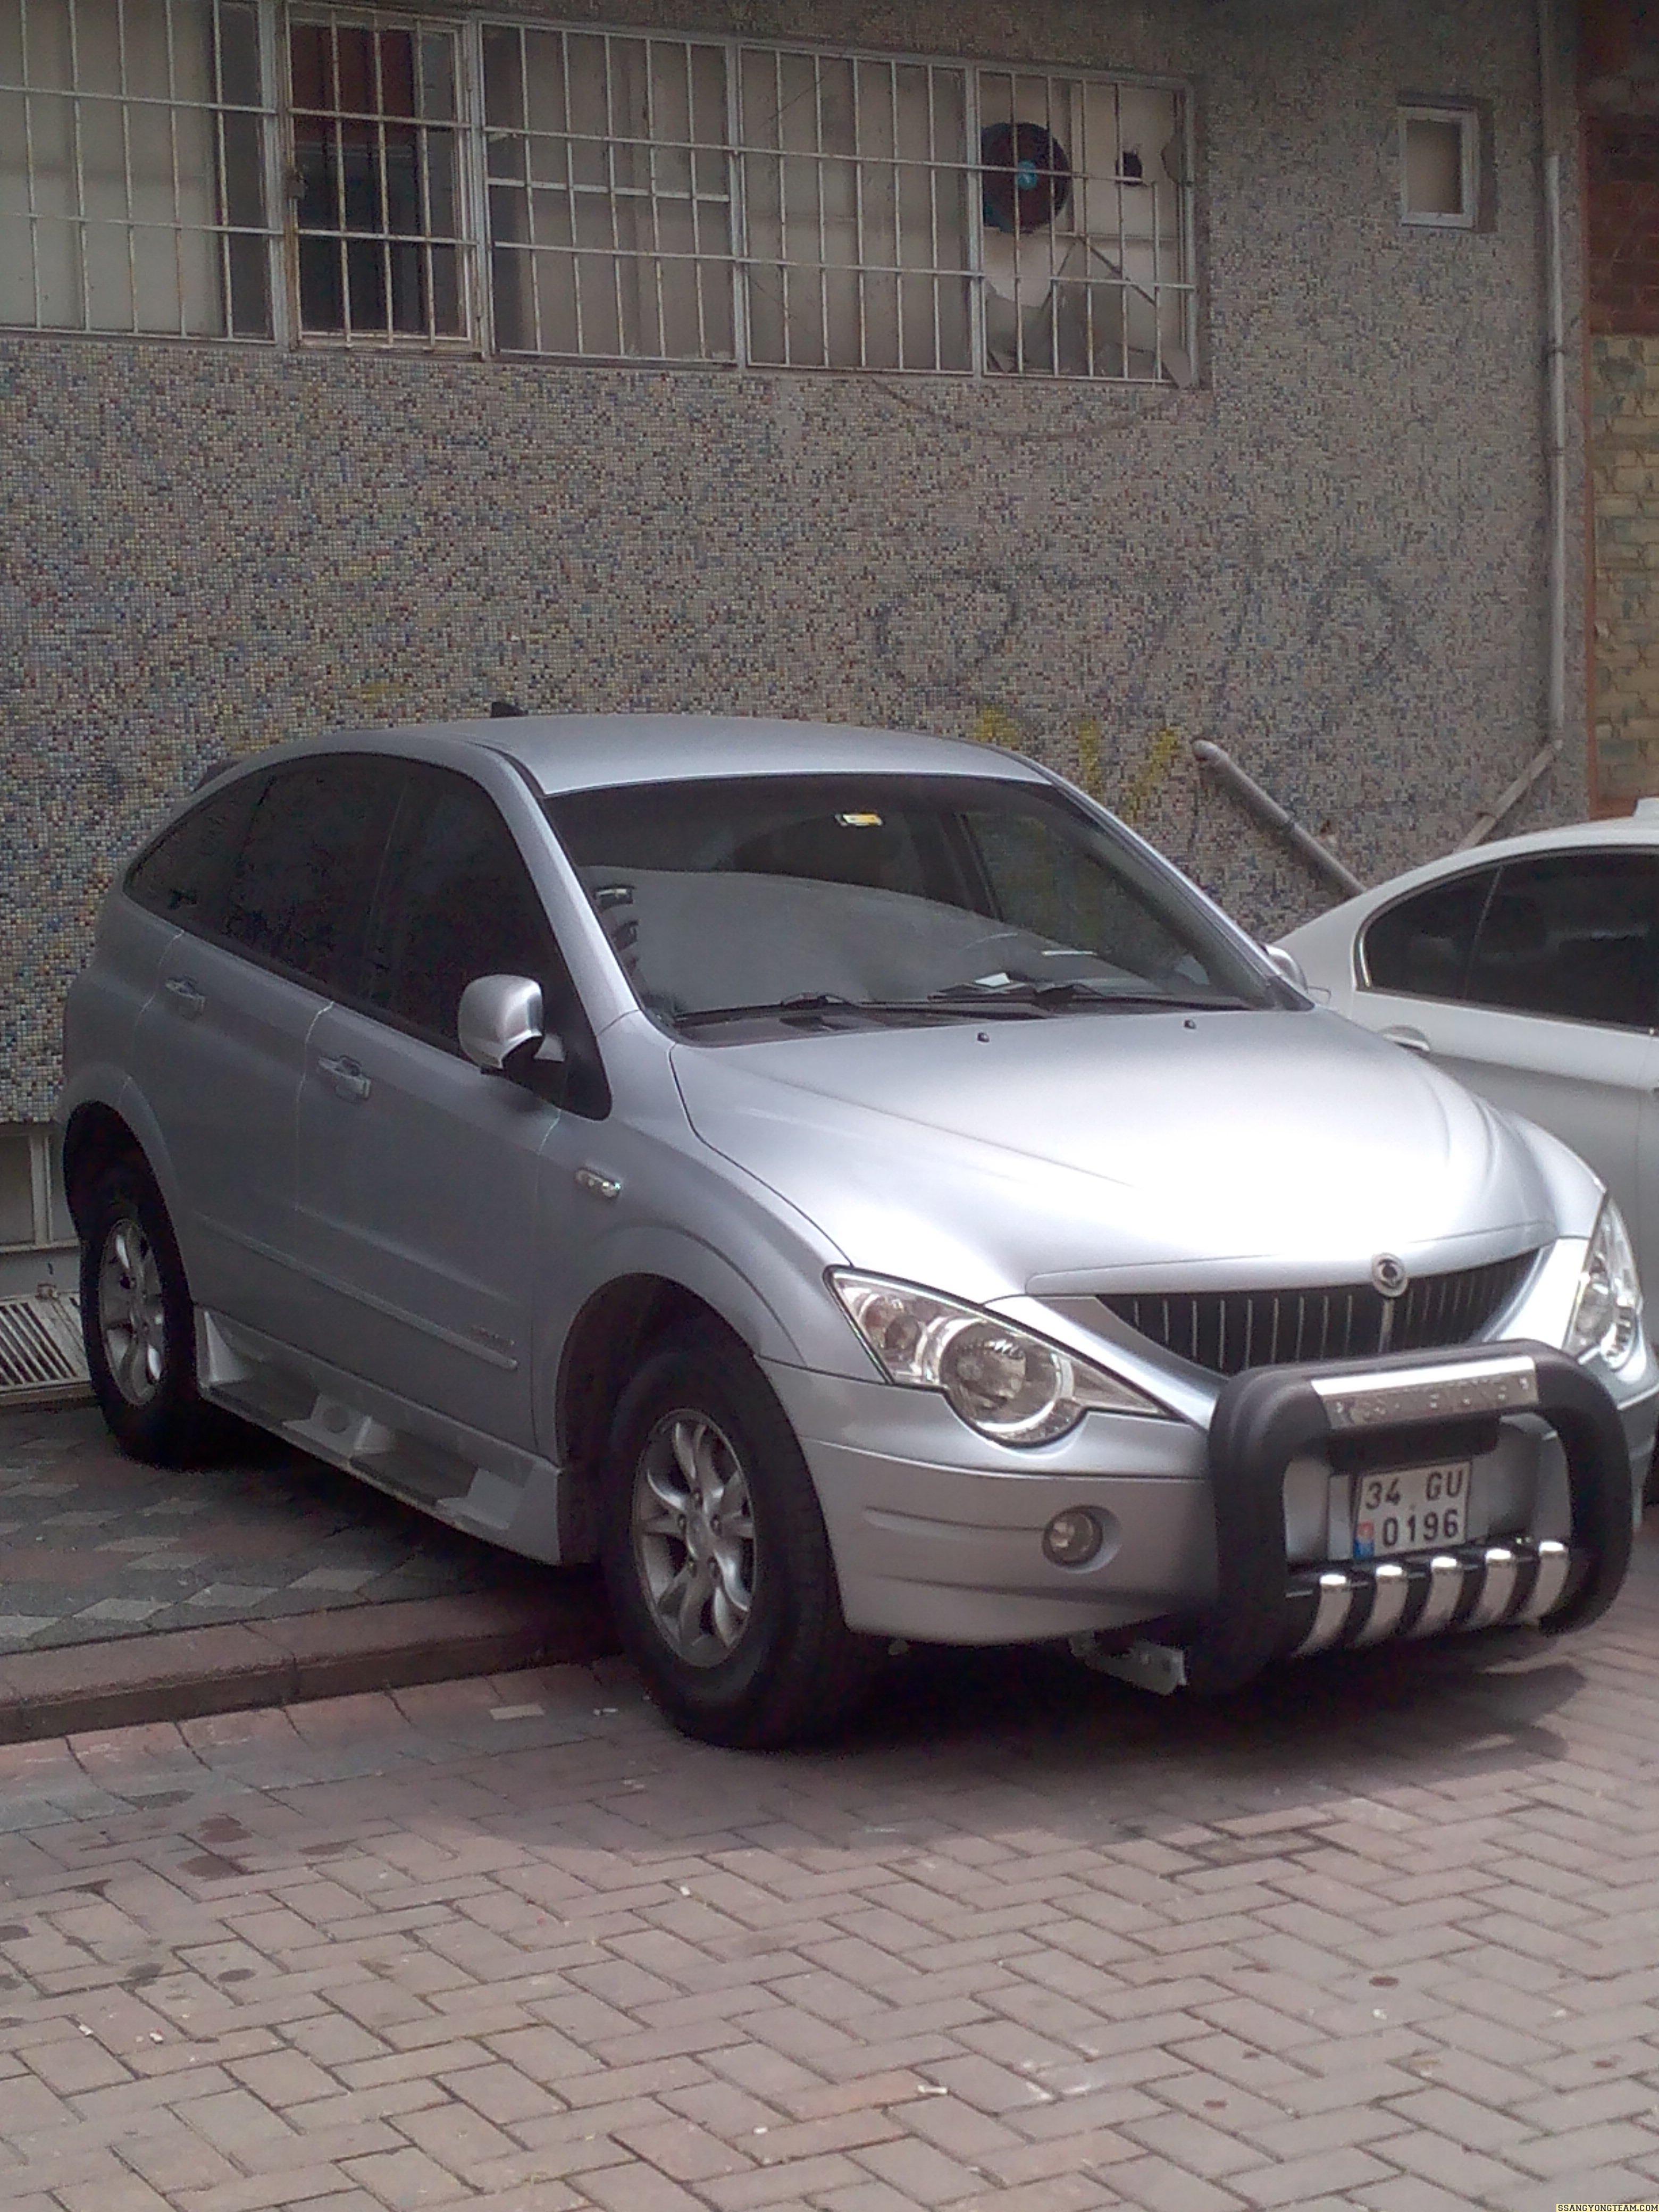 img20160412123045 5753eb7fd0e03 - SsangYong Araçlarımızın Güzel Resimleri